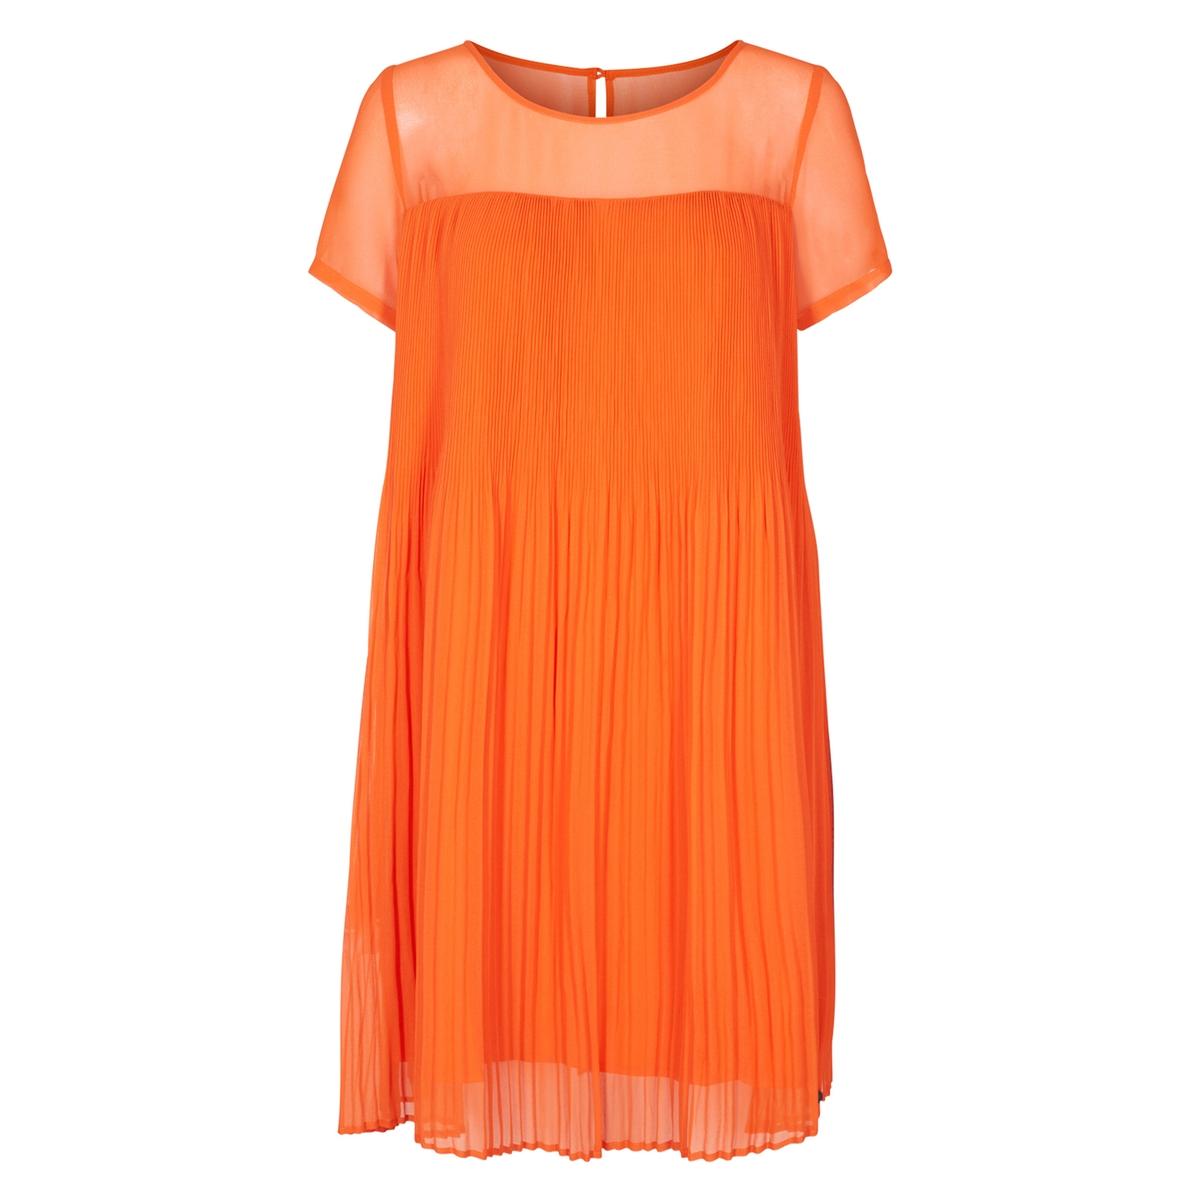 купить Платье струящееся расклешенное плиссированное с короткими рукавами по цене 4374.3 рублей